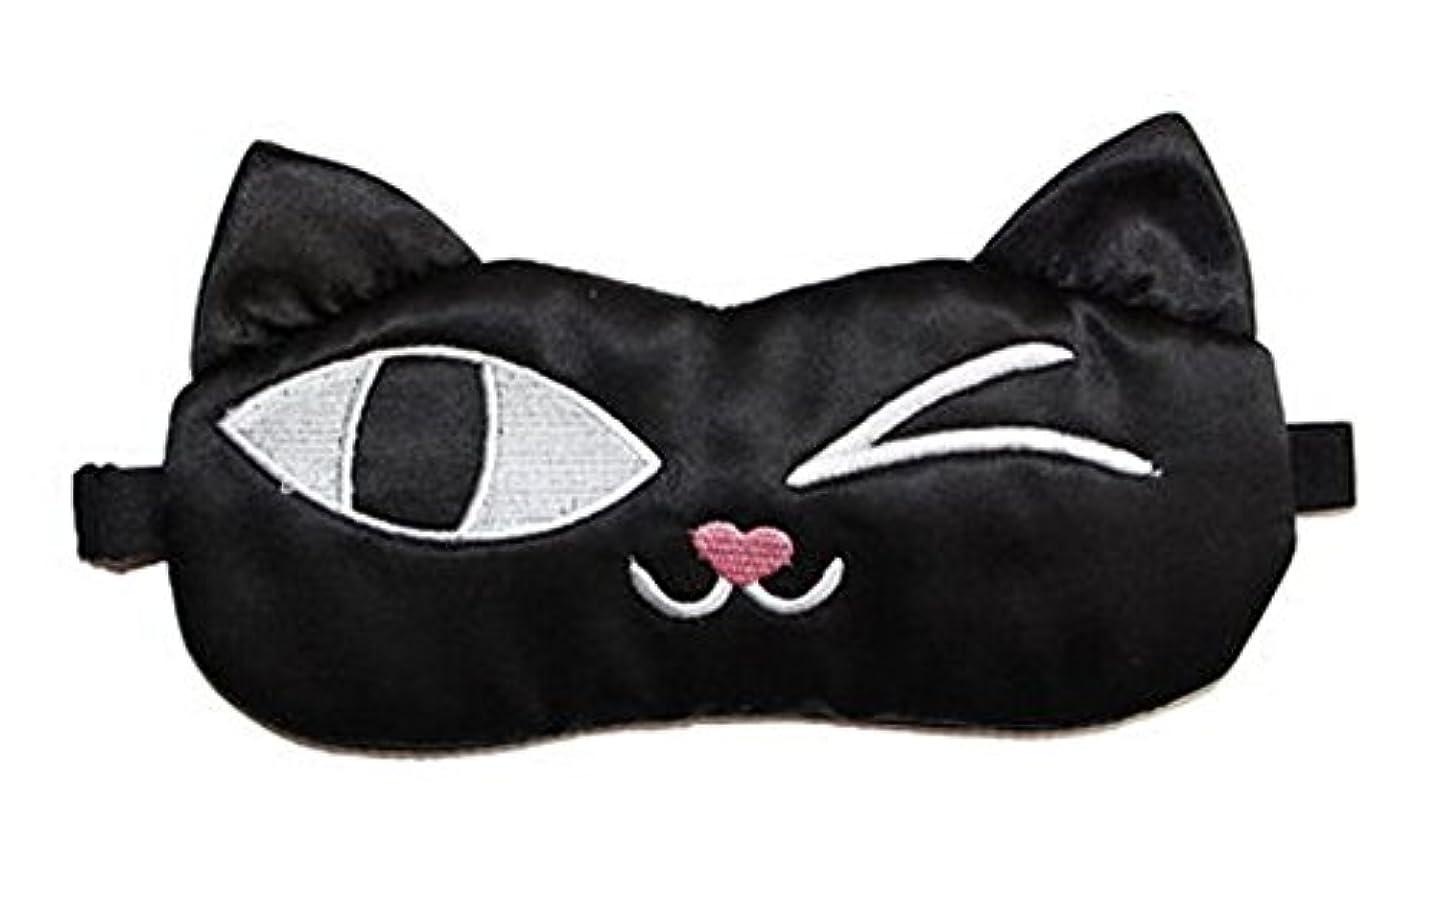 合理化緊張するみなす旅行と昼寝のためのかわいい黒猫ソフトシルクスリープアイマスク弾性アイシェード目隠し